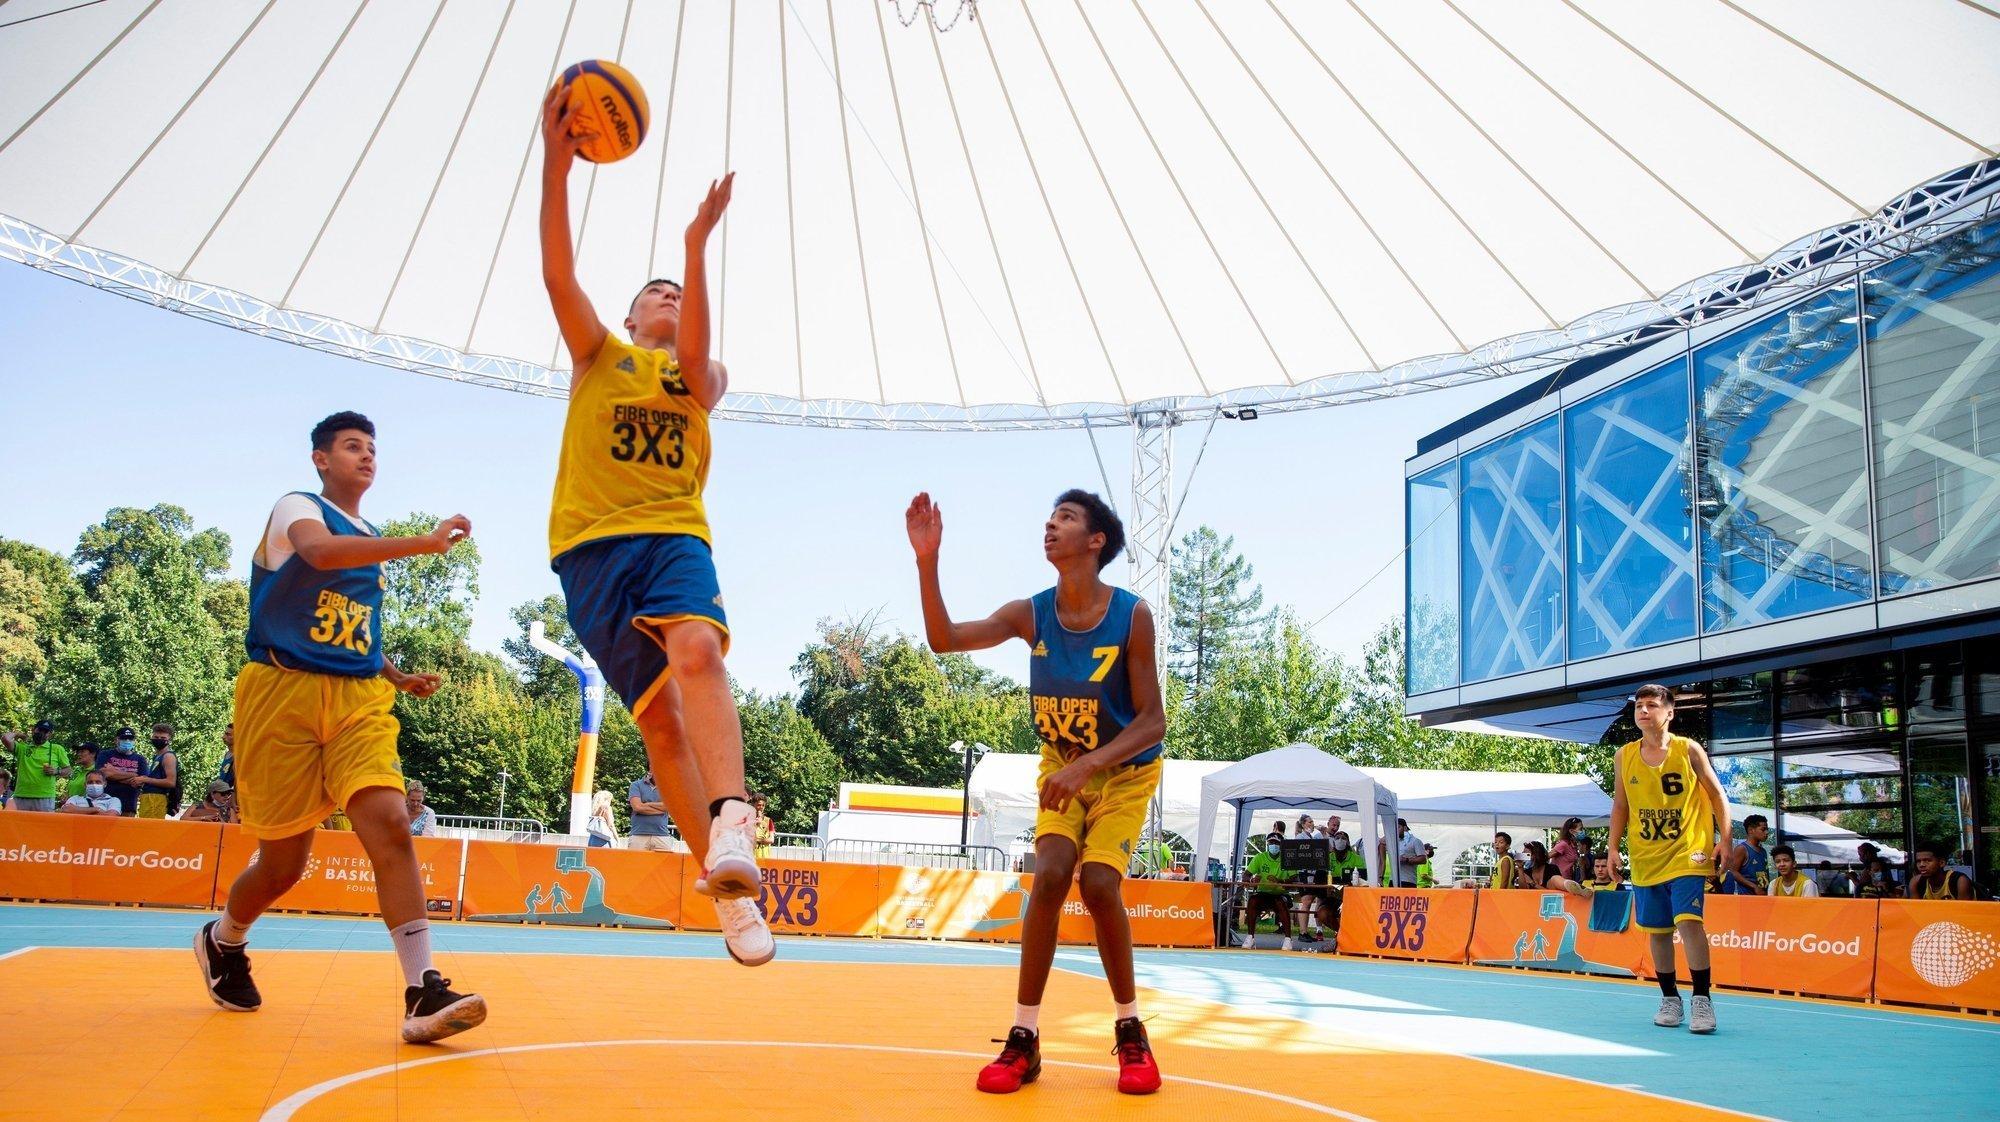 Même dans un format réduit, le FIBA Open a réjoui les plus jeunes devant la Maison du Basket.